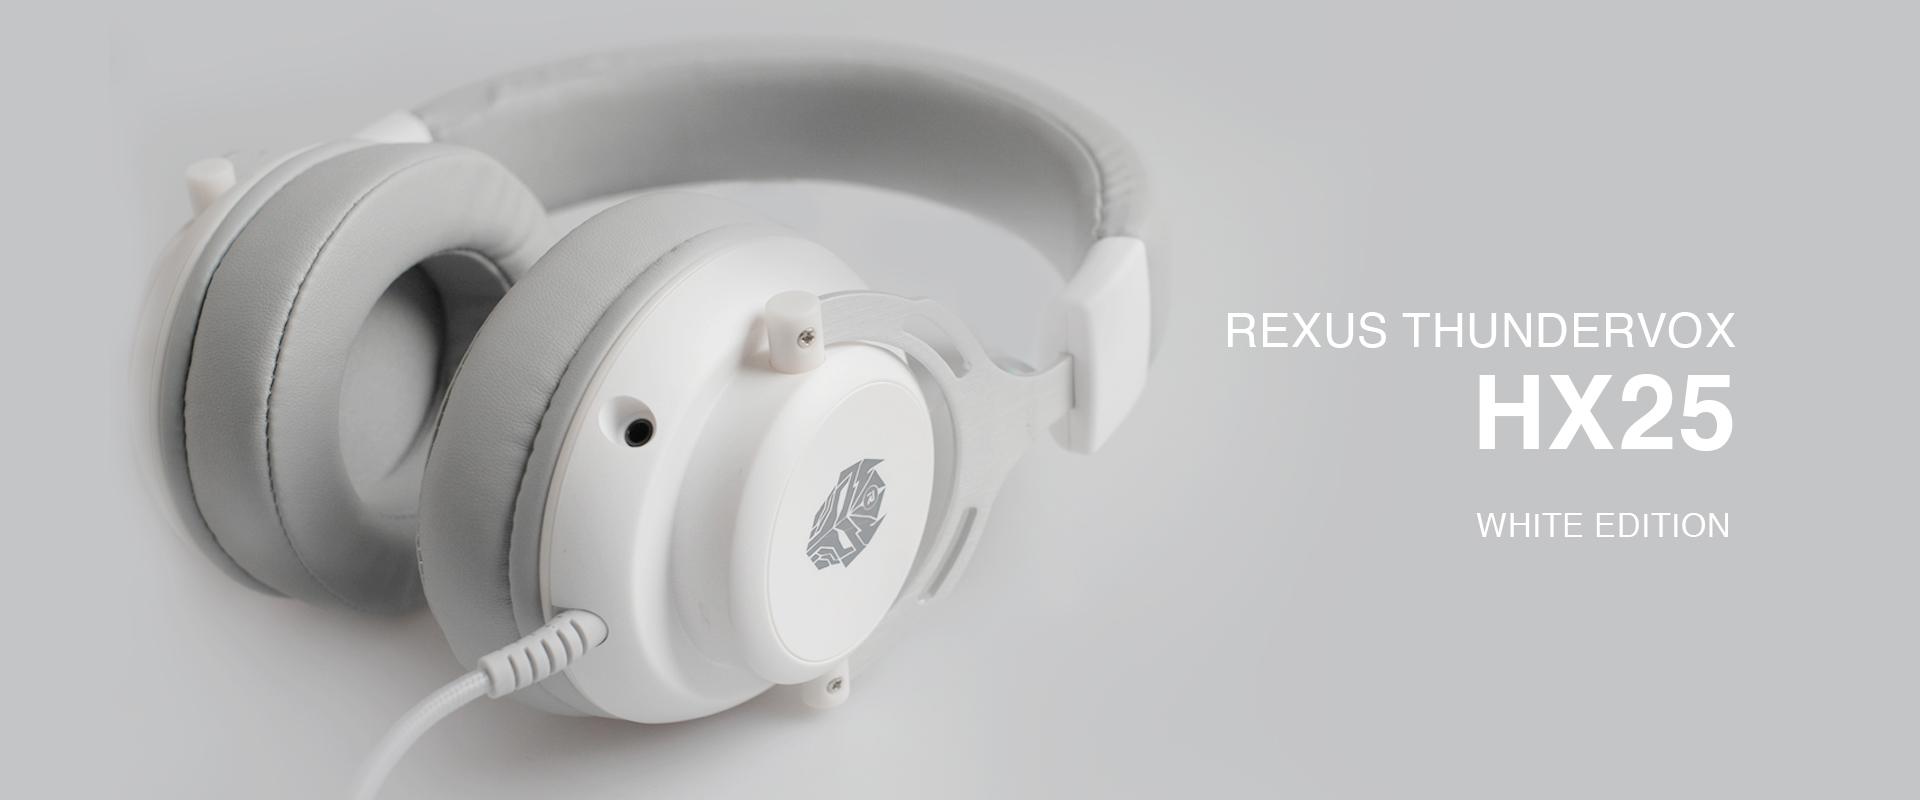 gaming headset Rexus Thundervox HX25 White WB HX25